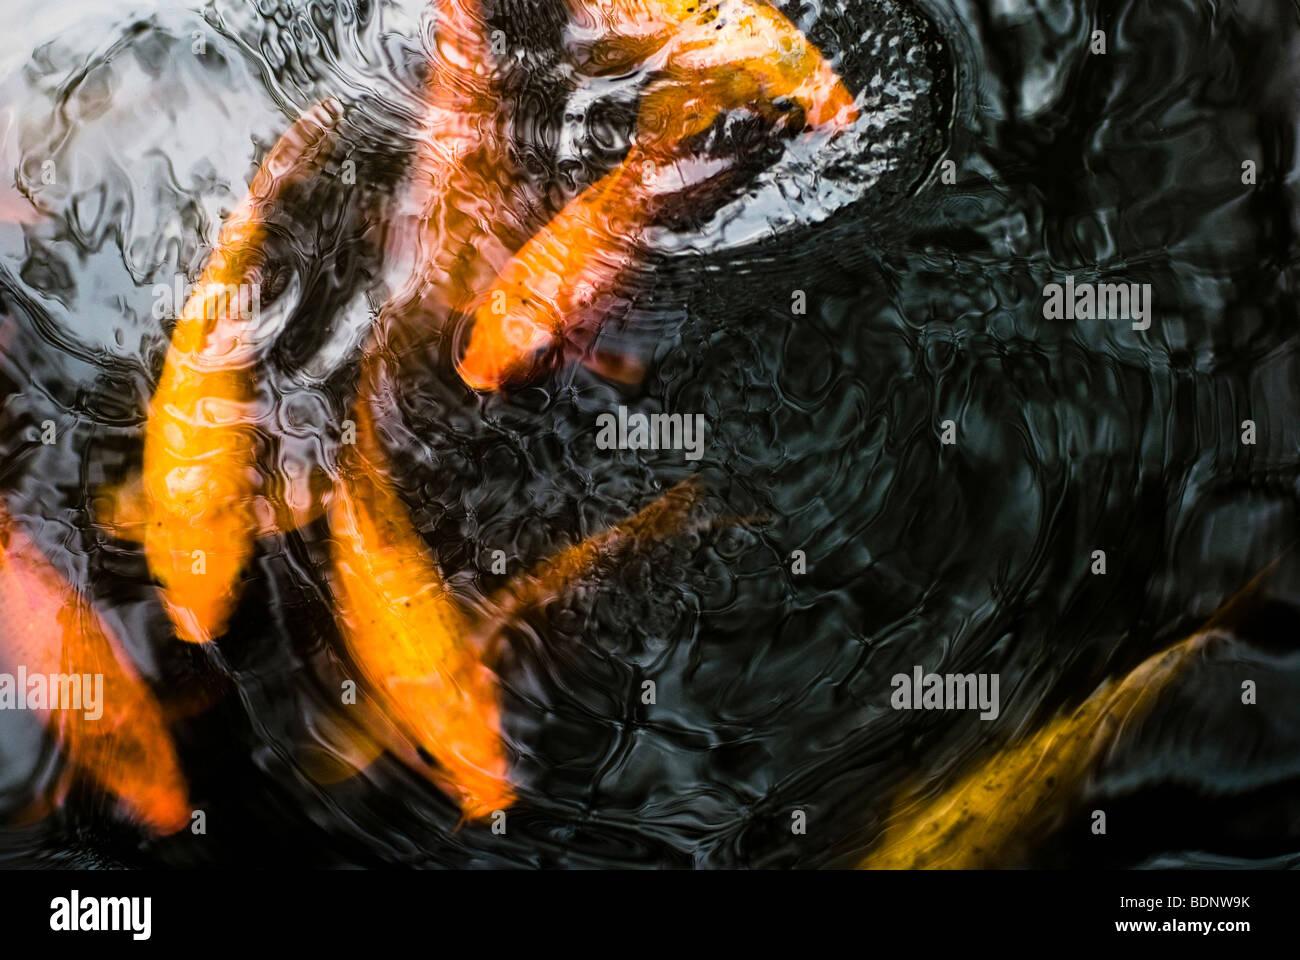 Swimming koi stockfotos swimming koi bilder alamy for Koi karpfen teich